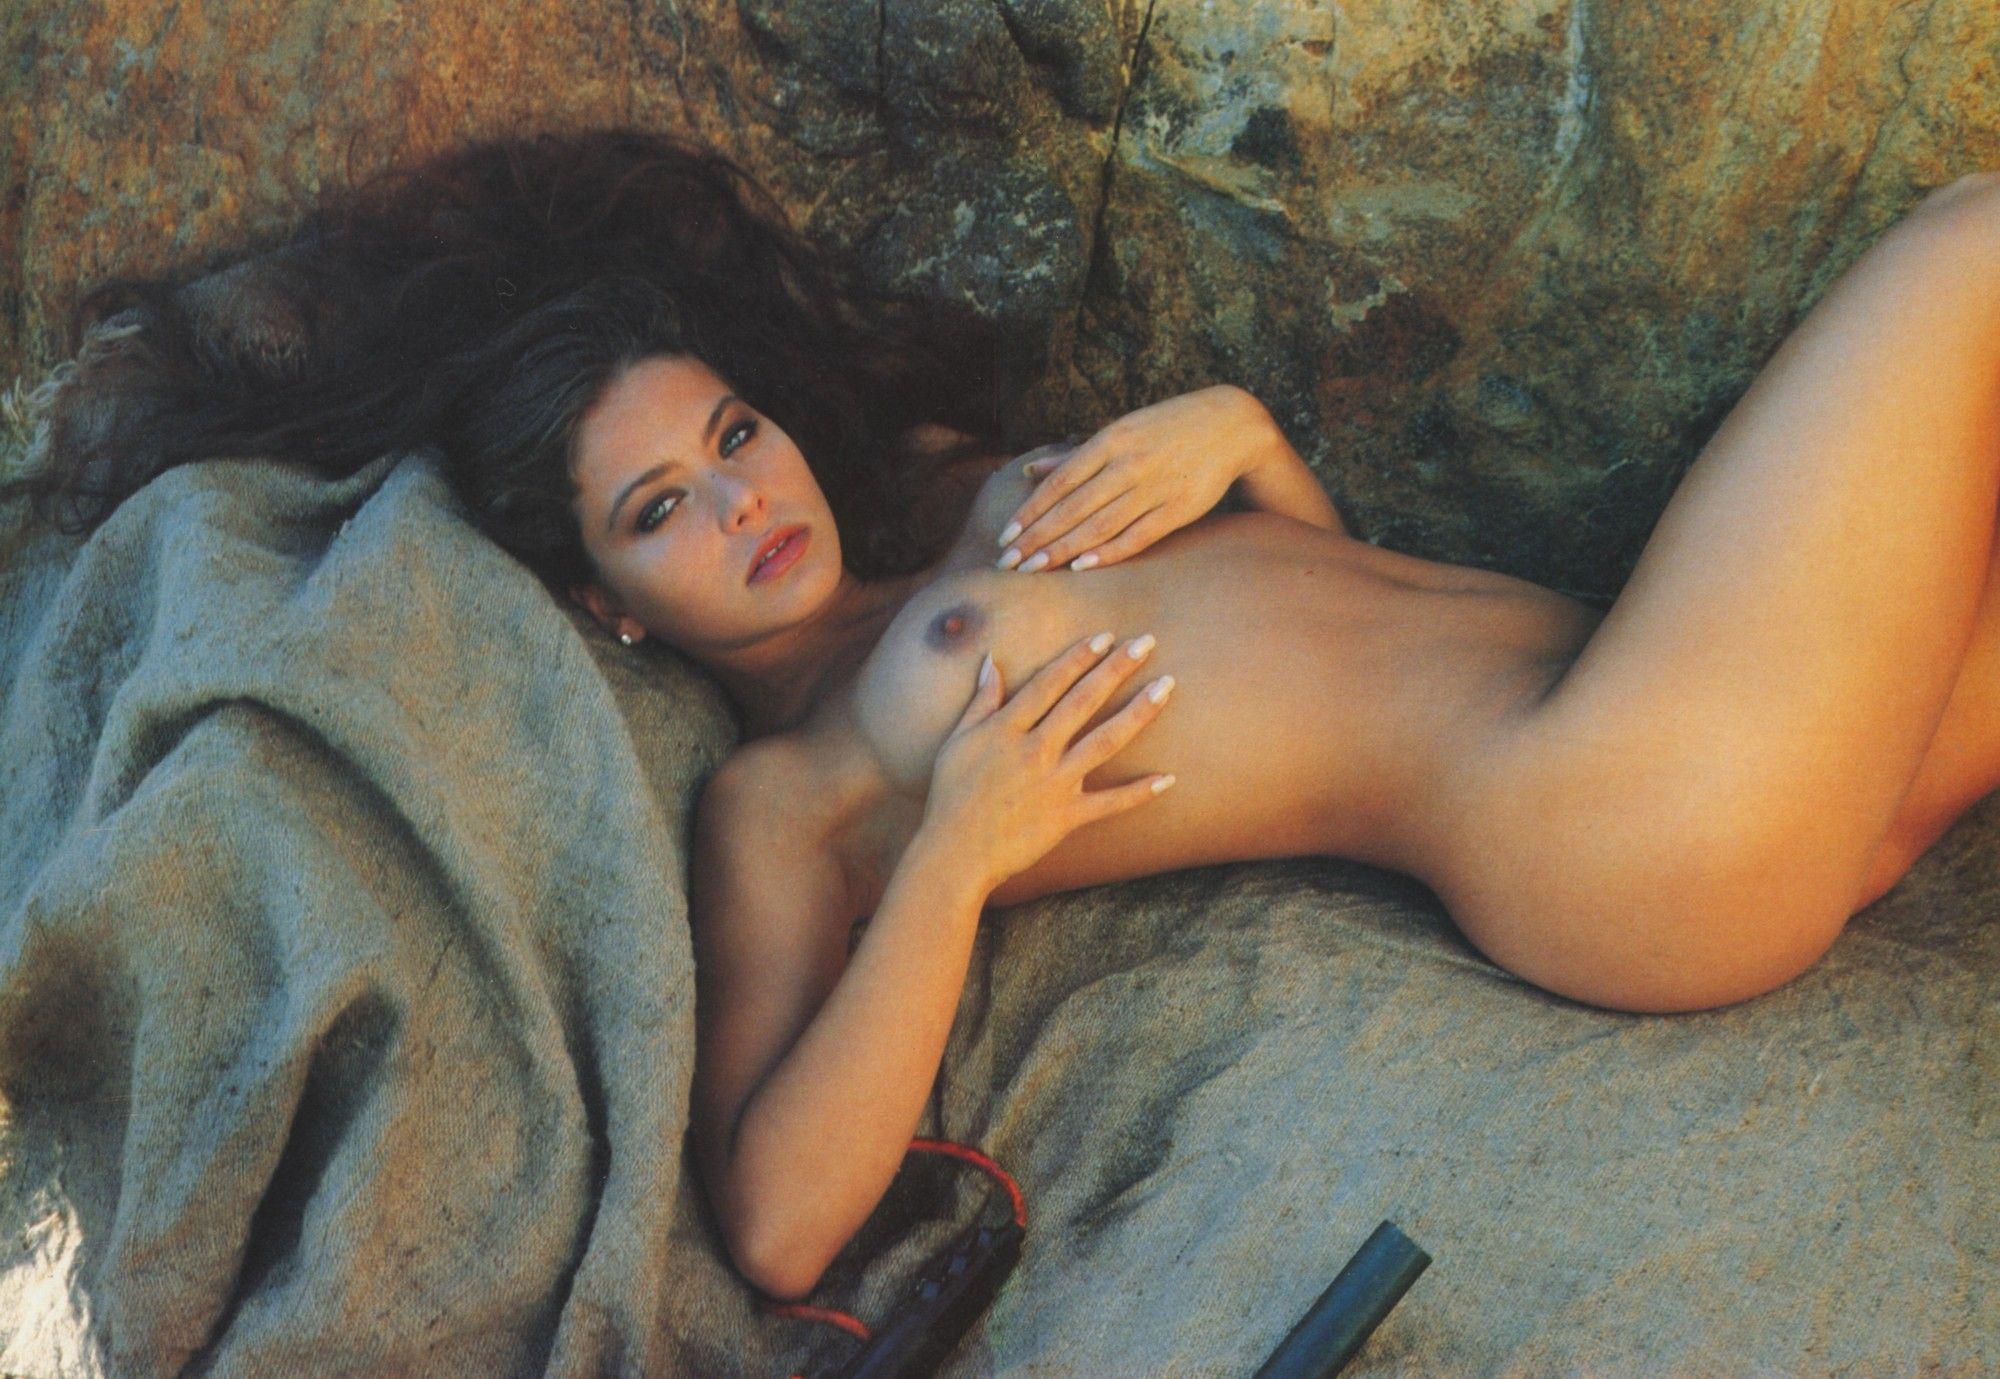 ornella-muti-eroticheskoe-foto